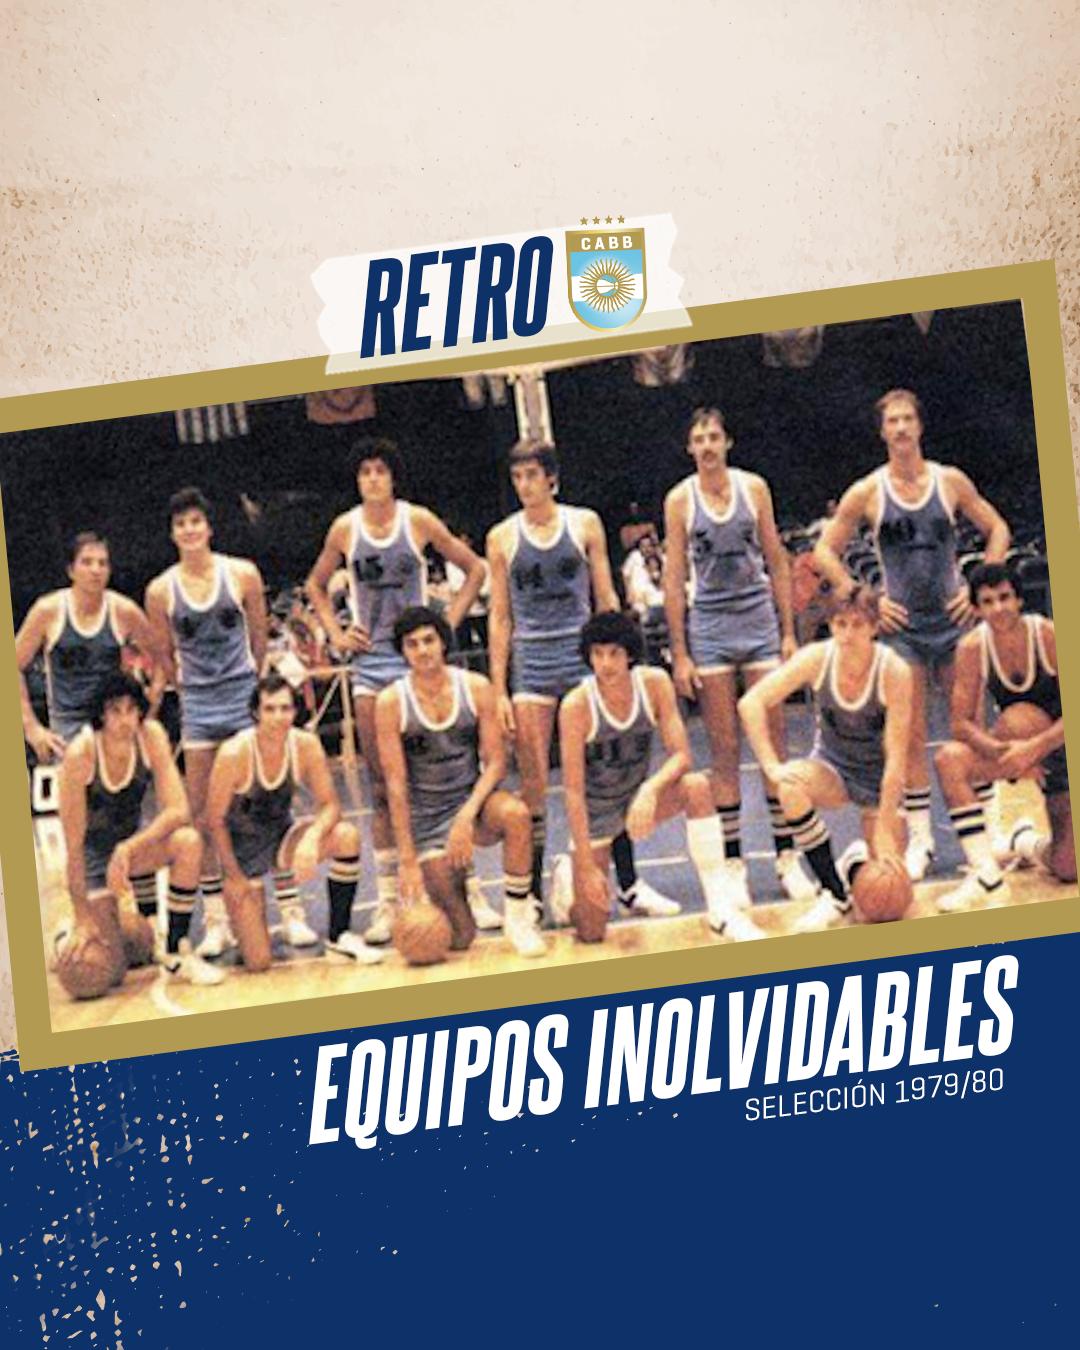 Equipos inolvidables: la Selección 79/80 y el renacer del básquet argentino